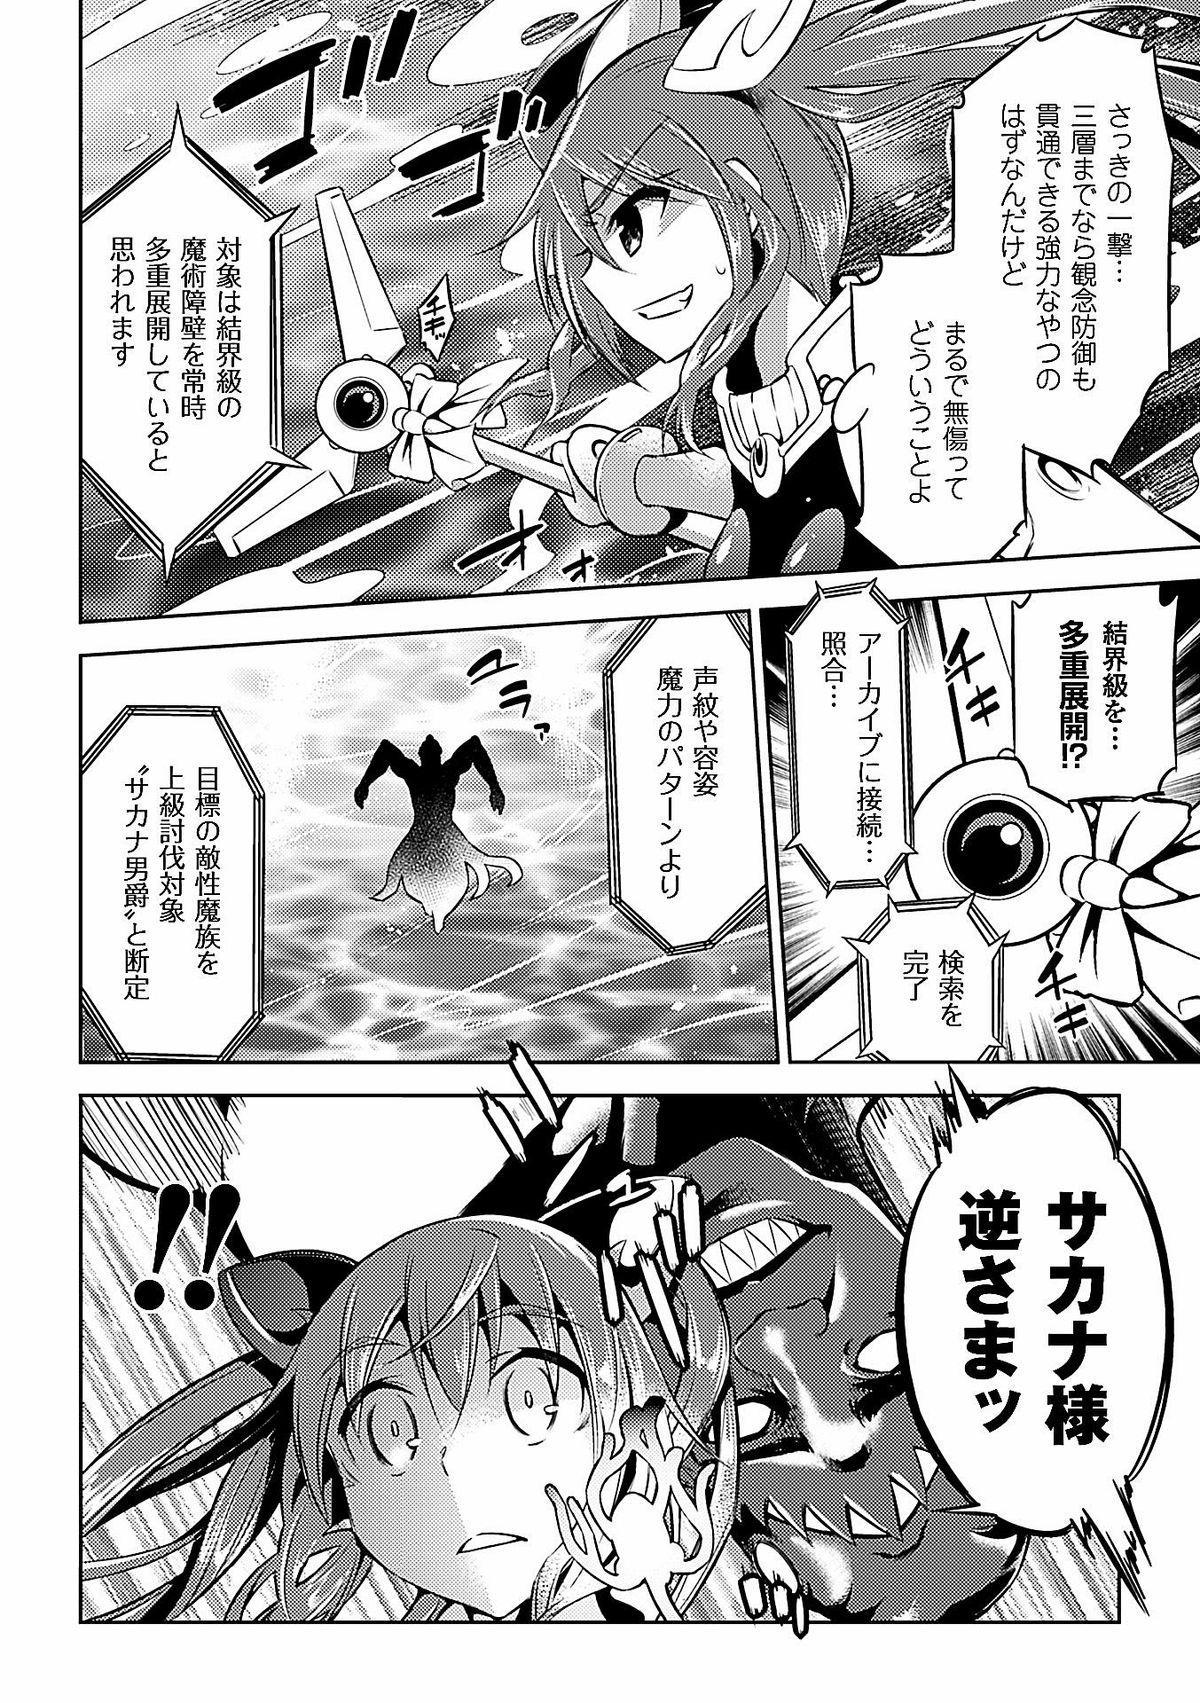 2D Comic Magazine Dengekisemeni Zecchouacmesuru Heroine tachi! Vol.1 27